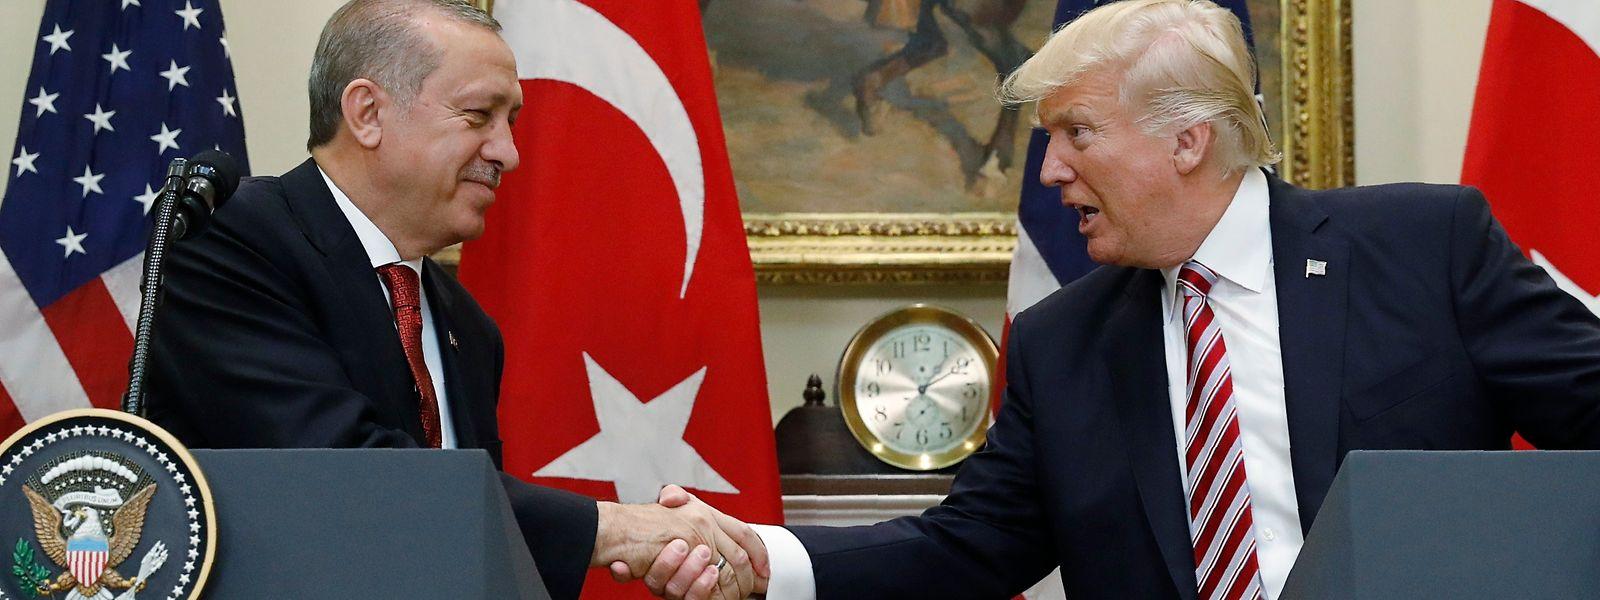 Donald Trump (r.) und Recep Tayyip Erdogan demonstrierten Einigkeit trotz Verstimmungen in der Kurdenfrage.